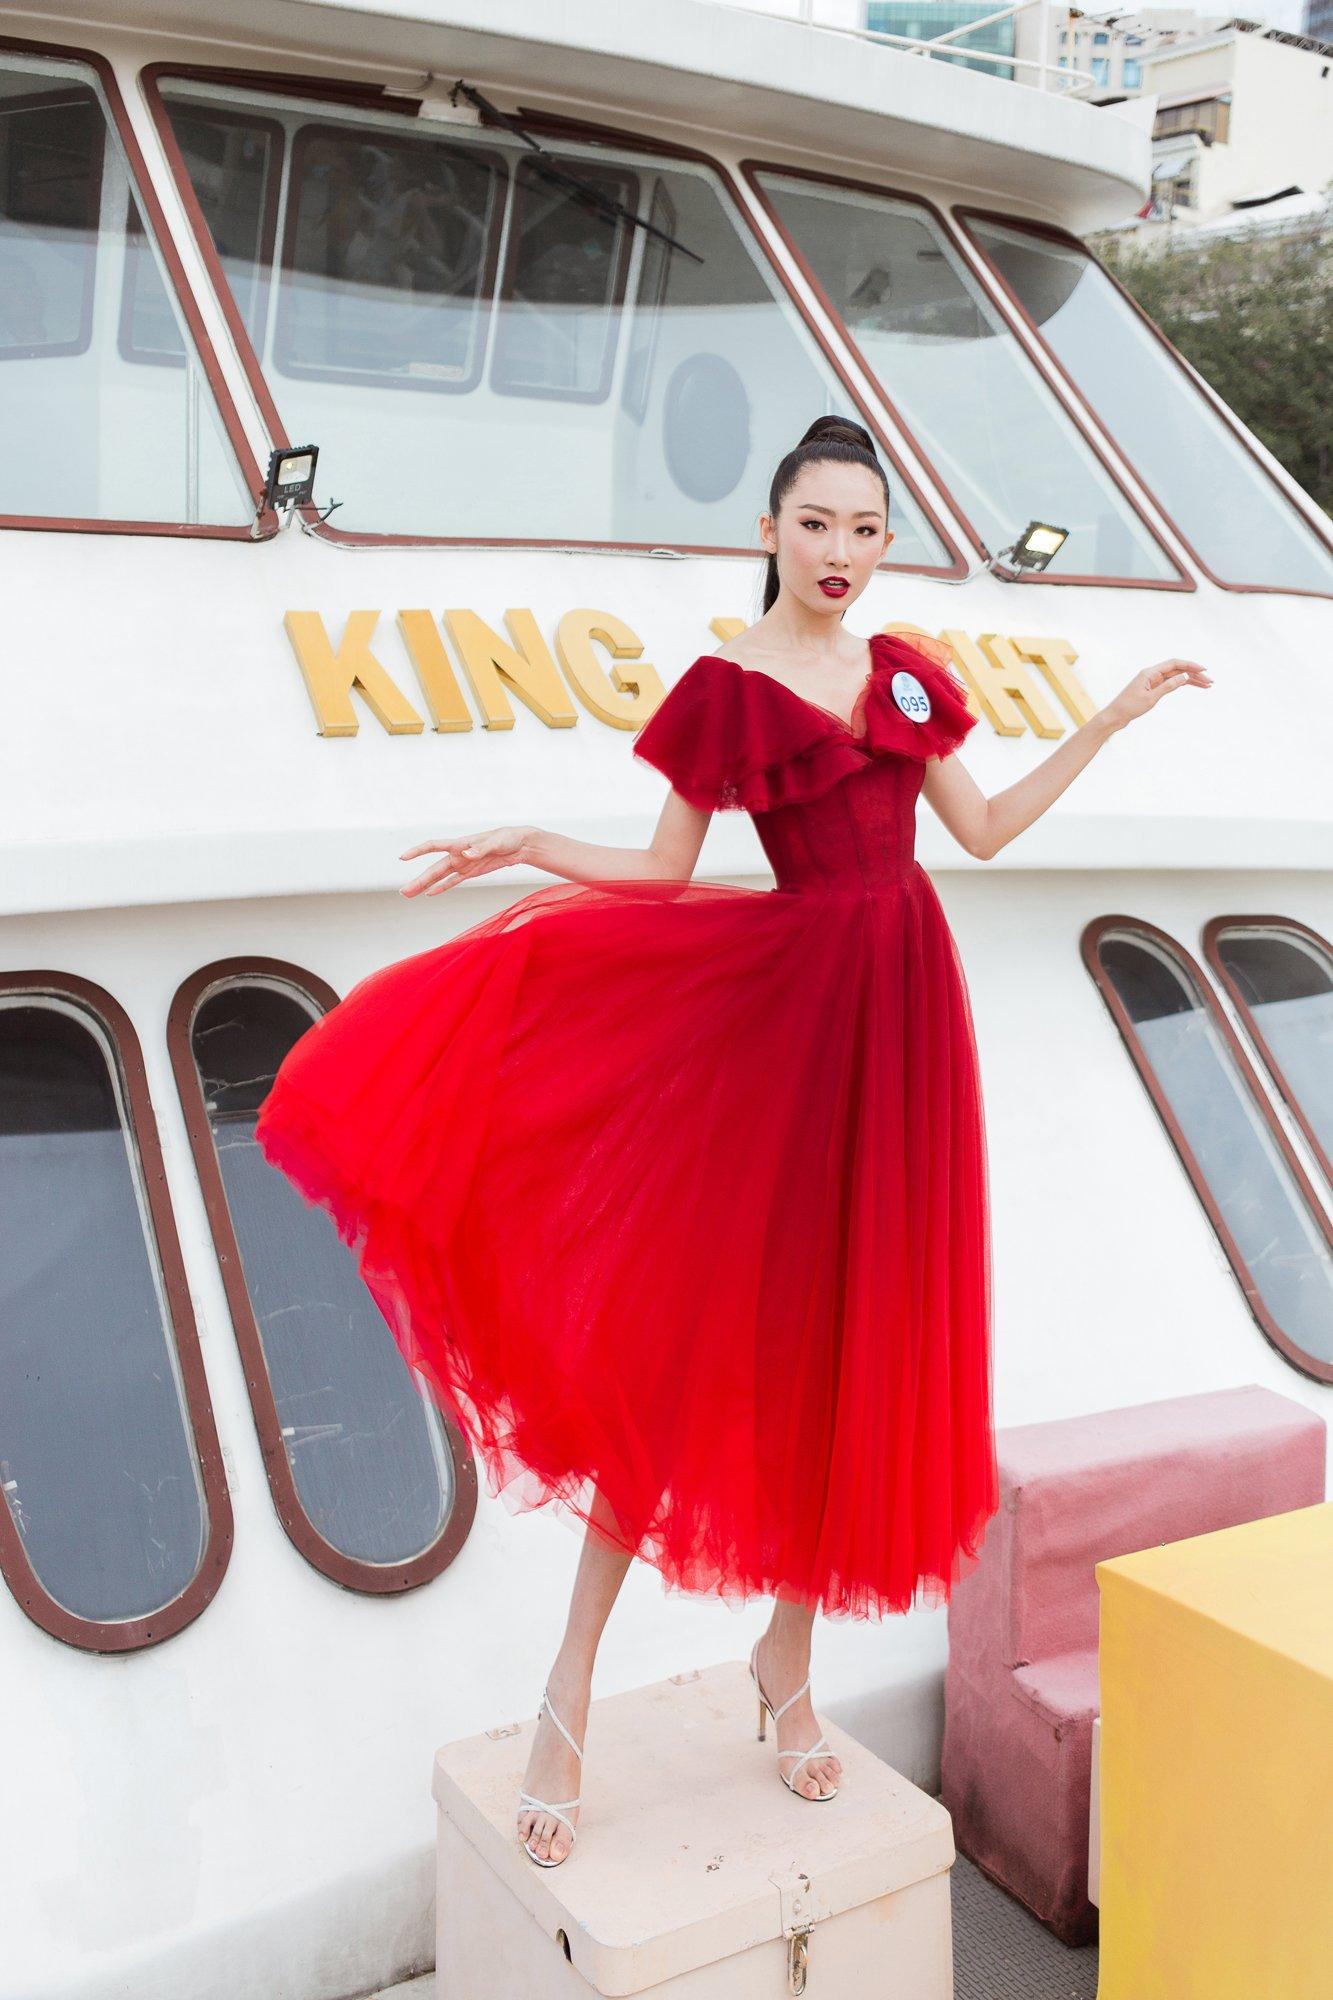 King Yacht Cruise đồng hành cùng Miss World Việt Nam 2019 - 5